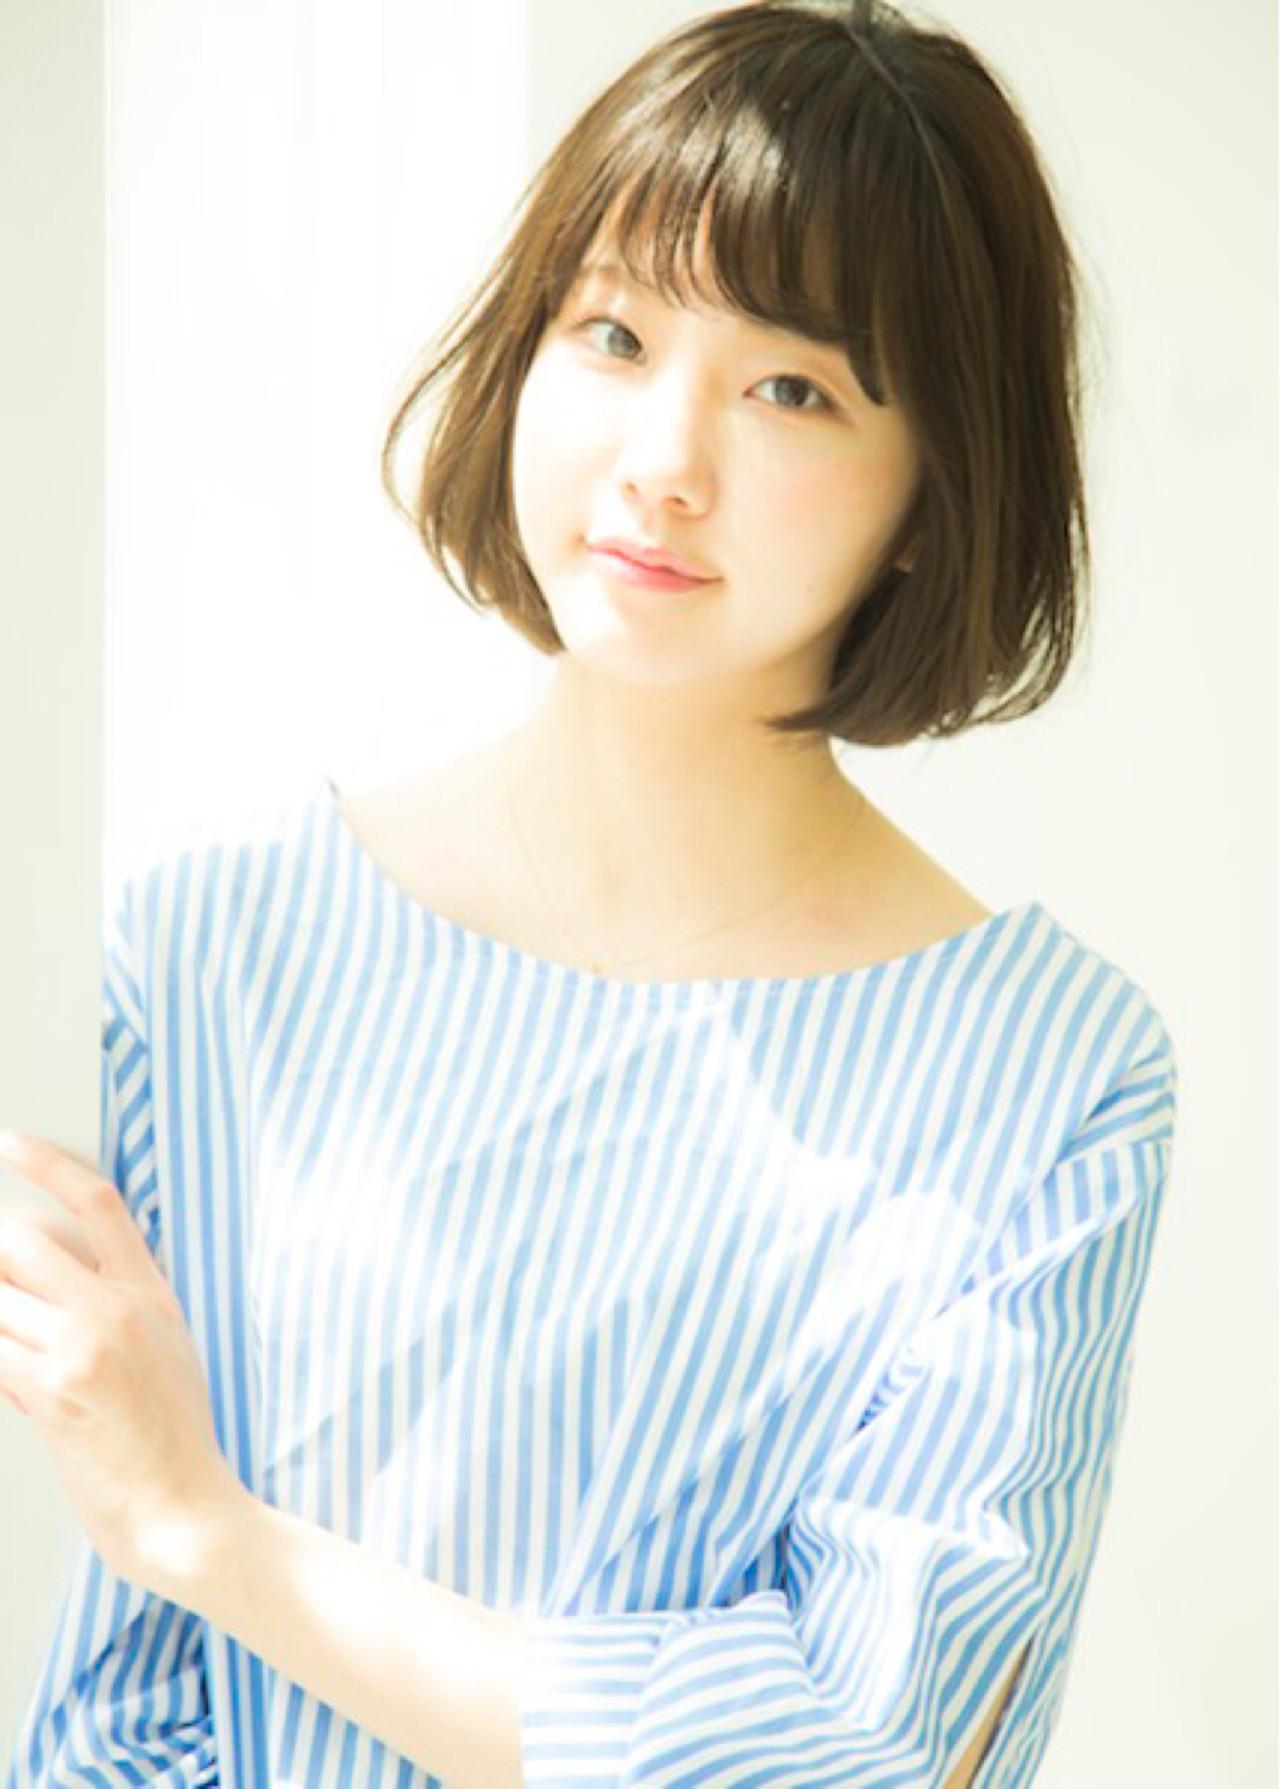 大人かわいい イルミナカラー ボブ ゆるふわ ヘアスタイルや髪型の写真・画像 | 力石サトシ HOMIE Tokyo /   HOMIE TOKYO